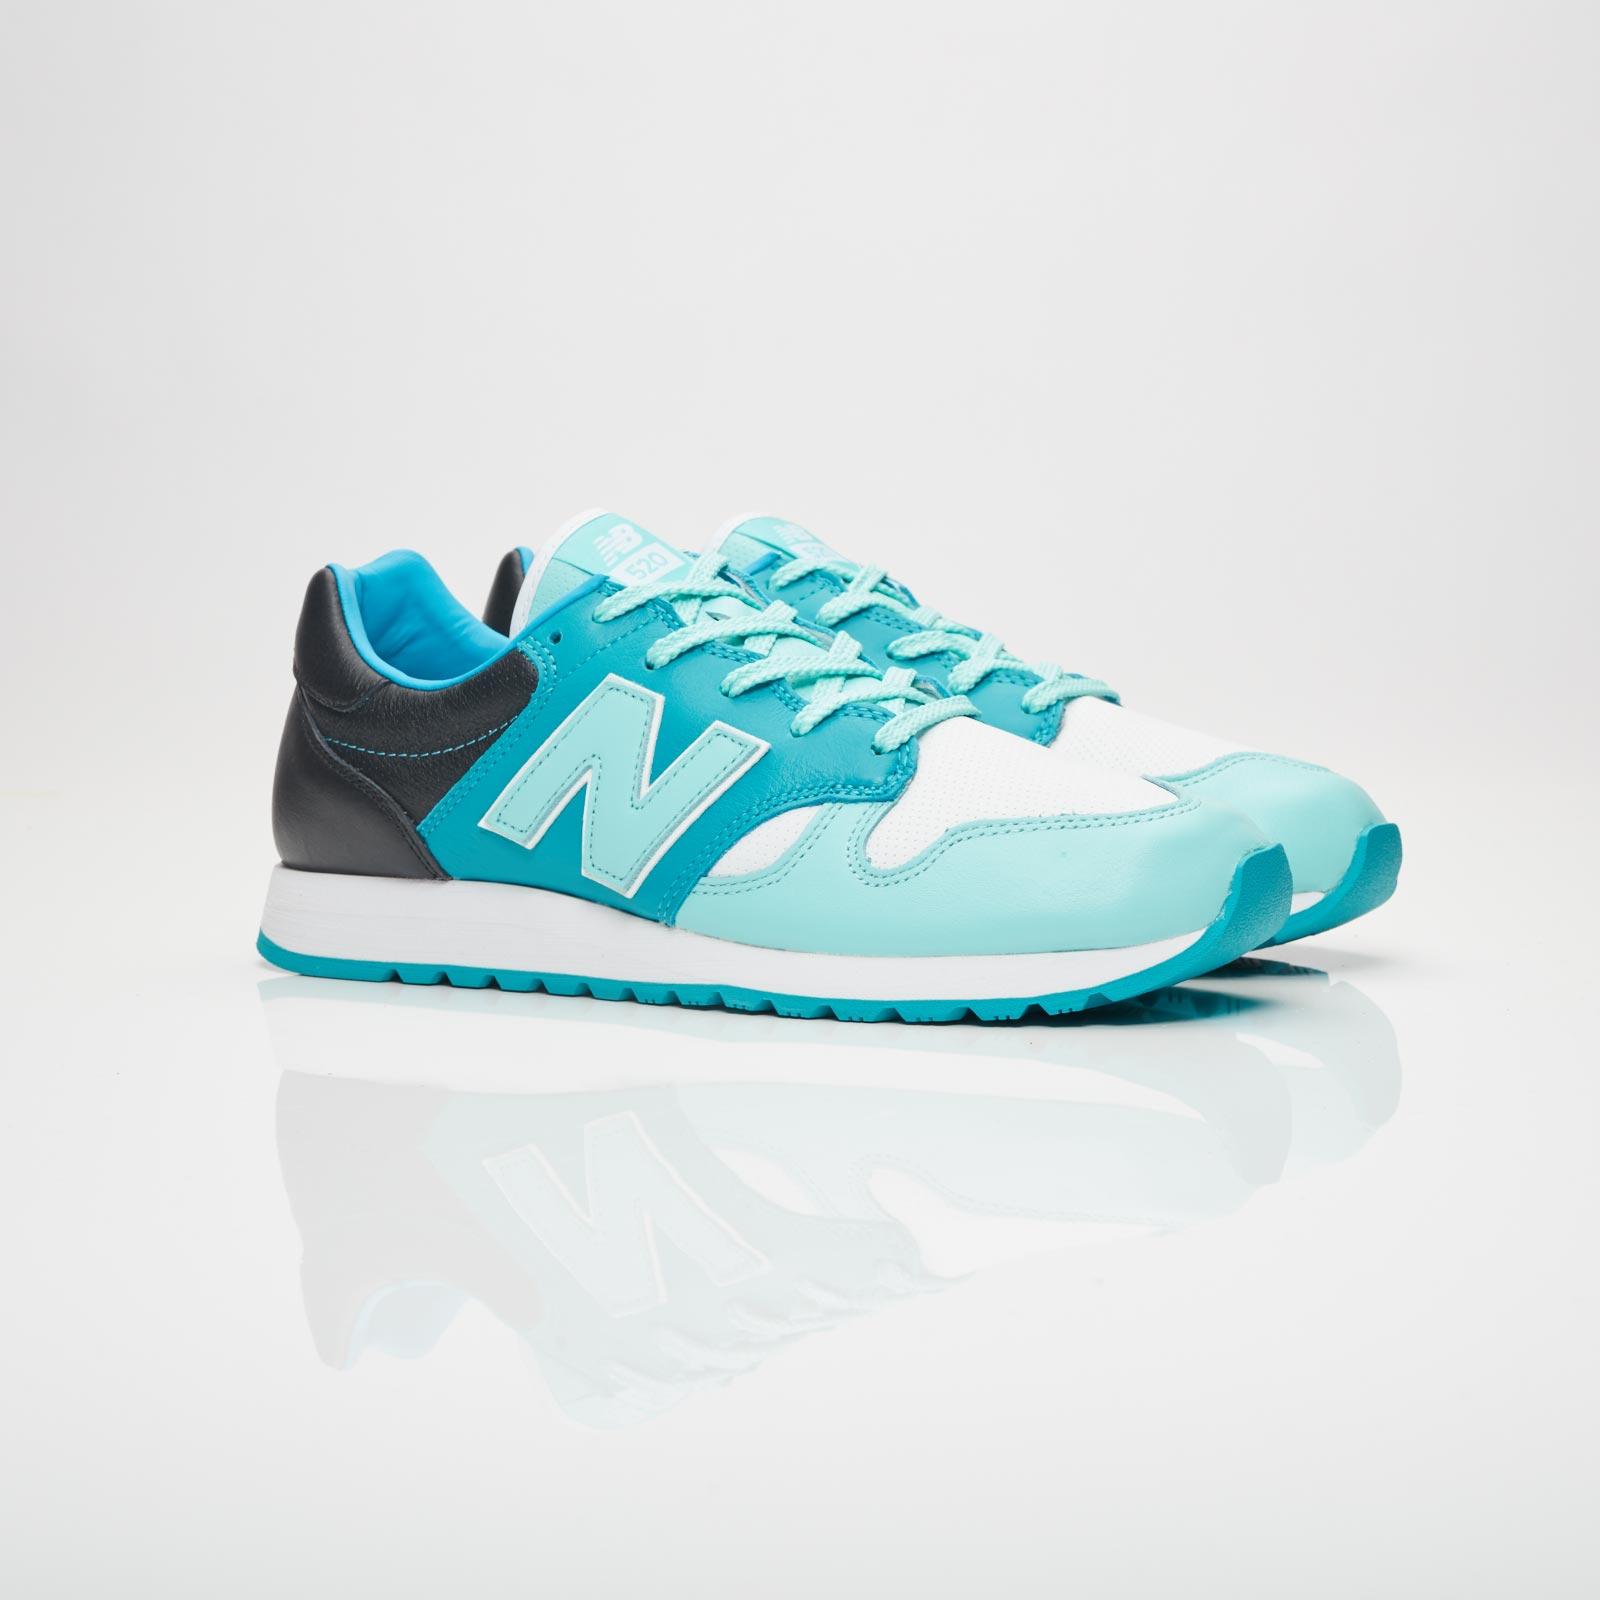 New Balance U520 x Hanon - U520hnf - Sneakersnstuff   sneakers ...